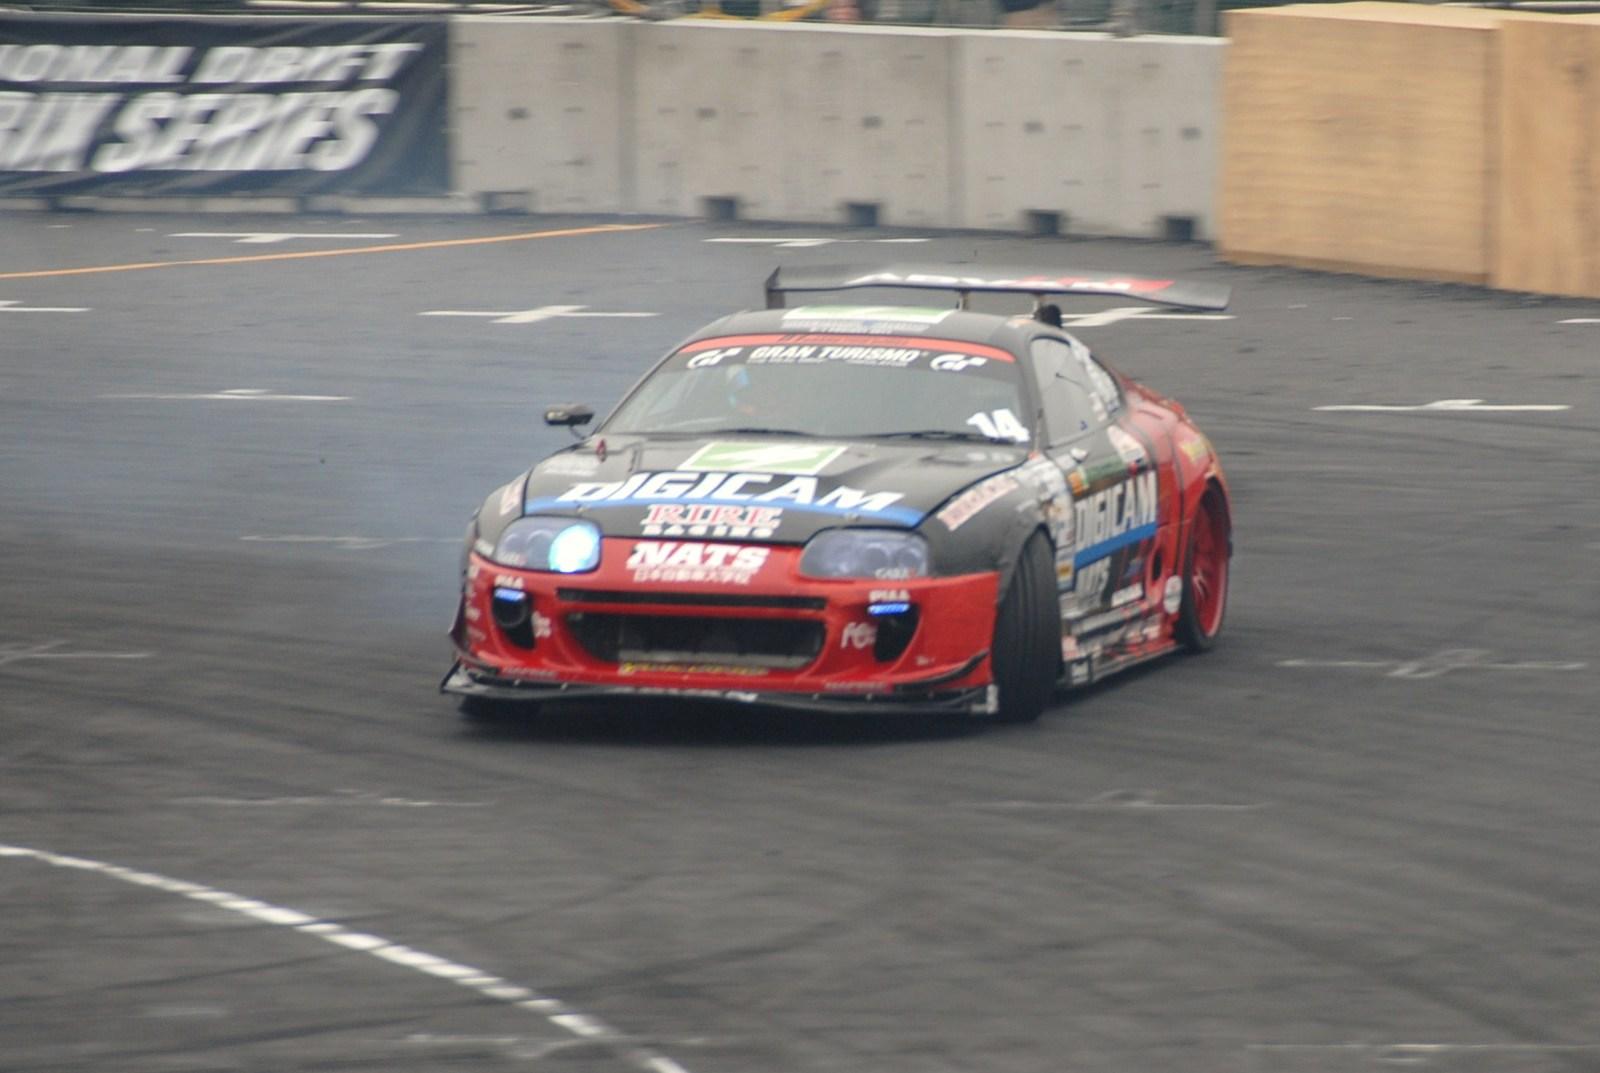 2011_tokyo_drift_2011645_465